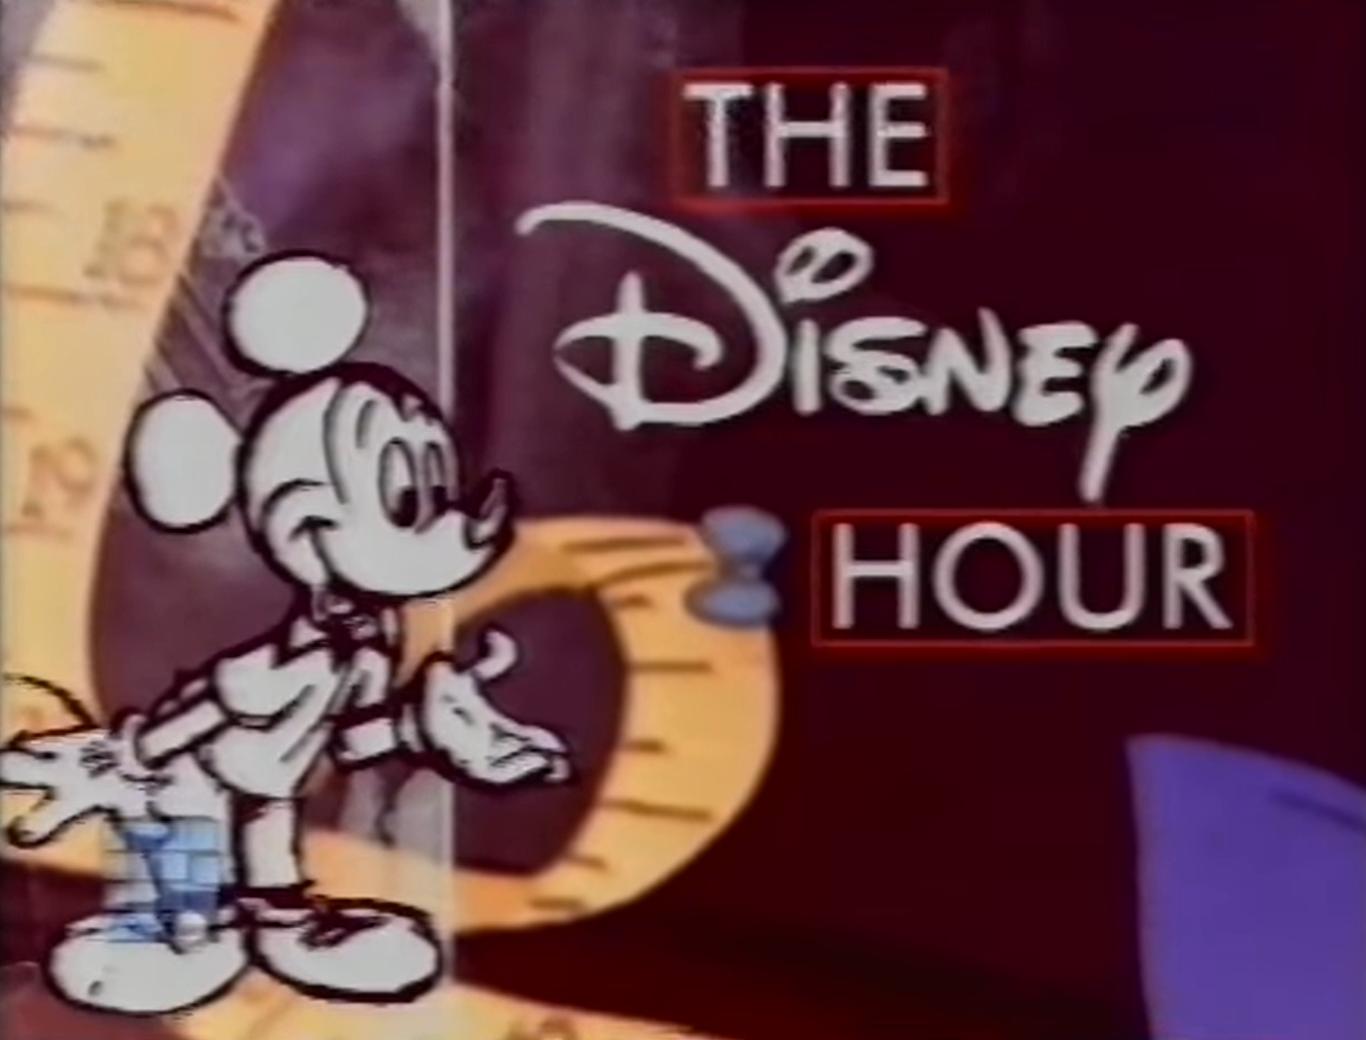 ساعة ديزني (برنامج)